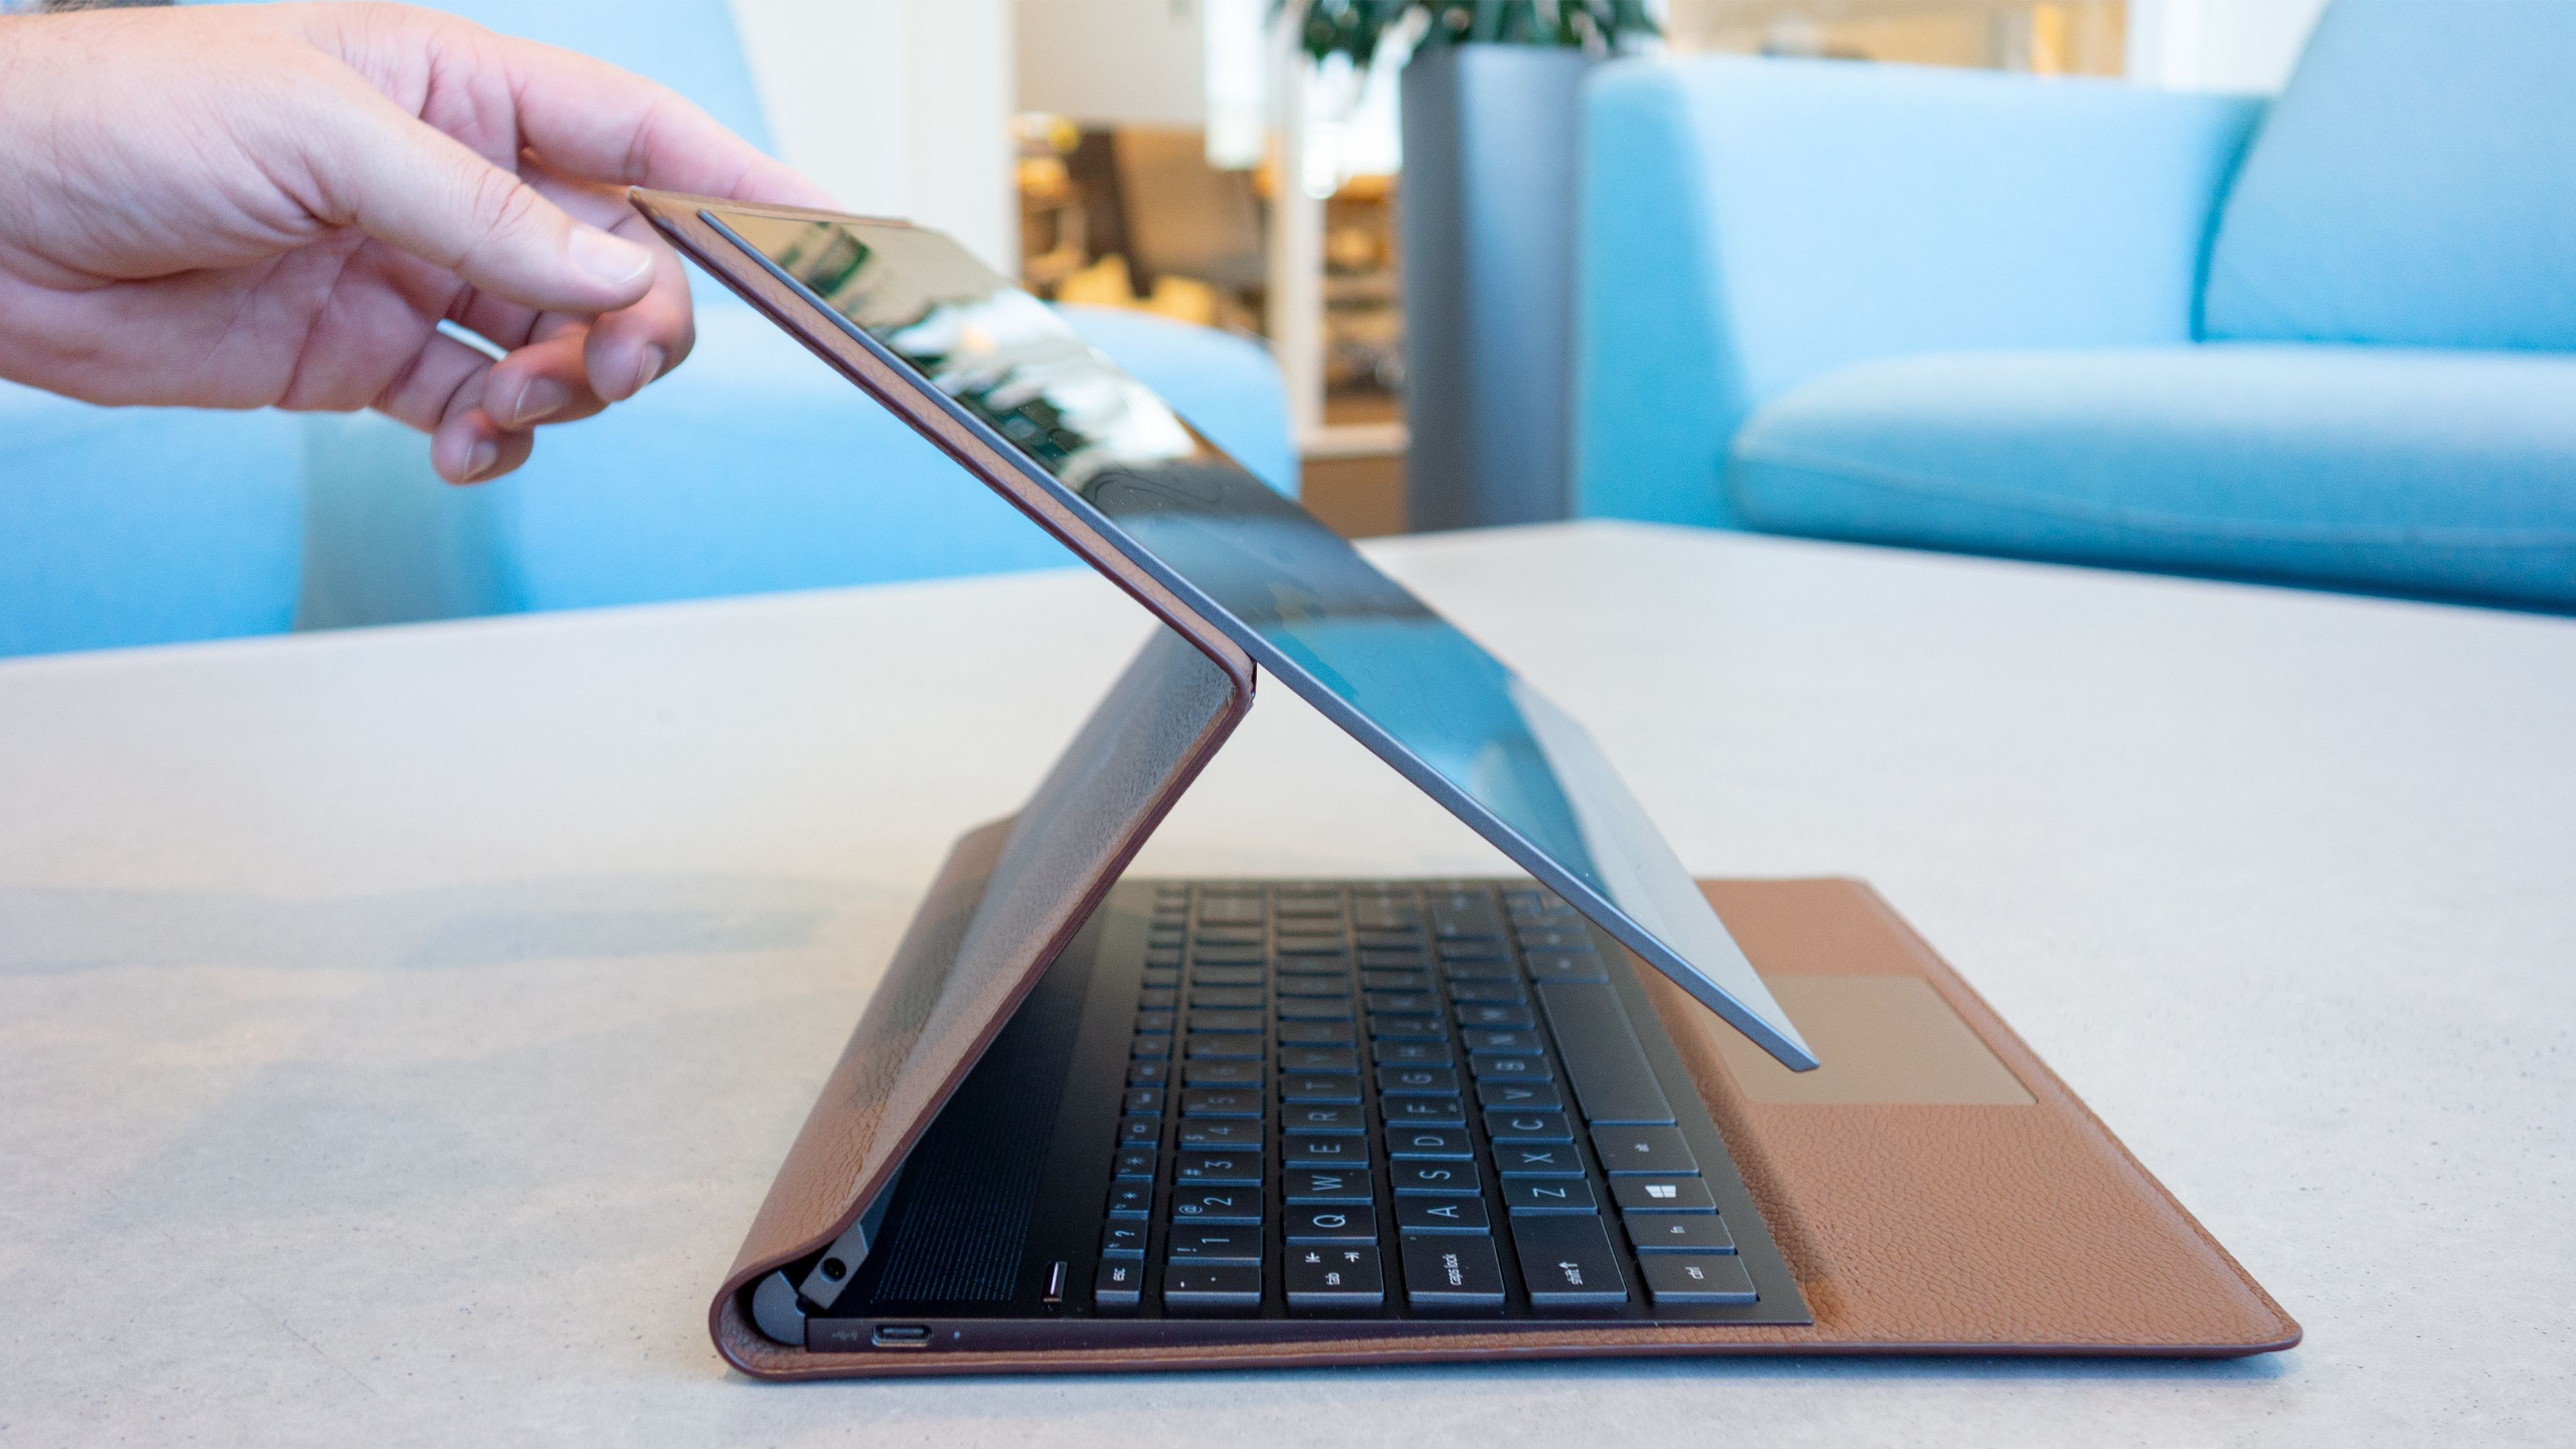 Ved å brekke, eller vippe skjermen mot deg tar du den fra vanlig modus eller videomodus til brettmodus med en håndbevegelse.